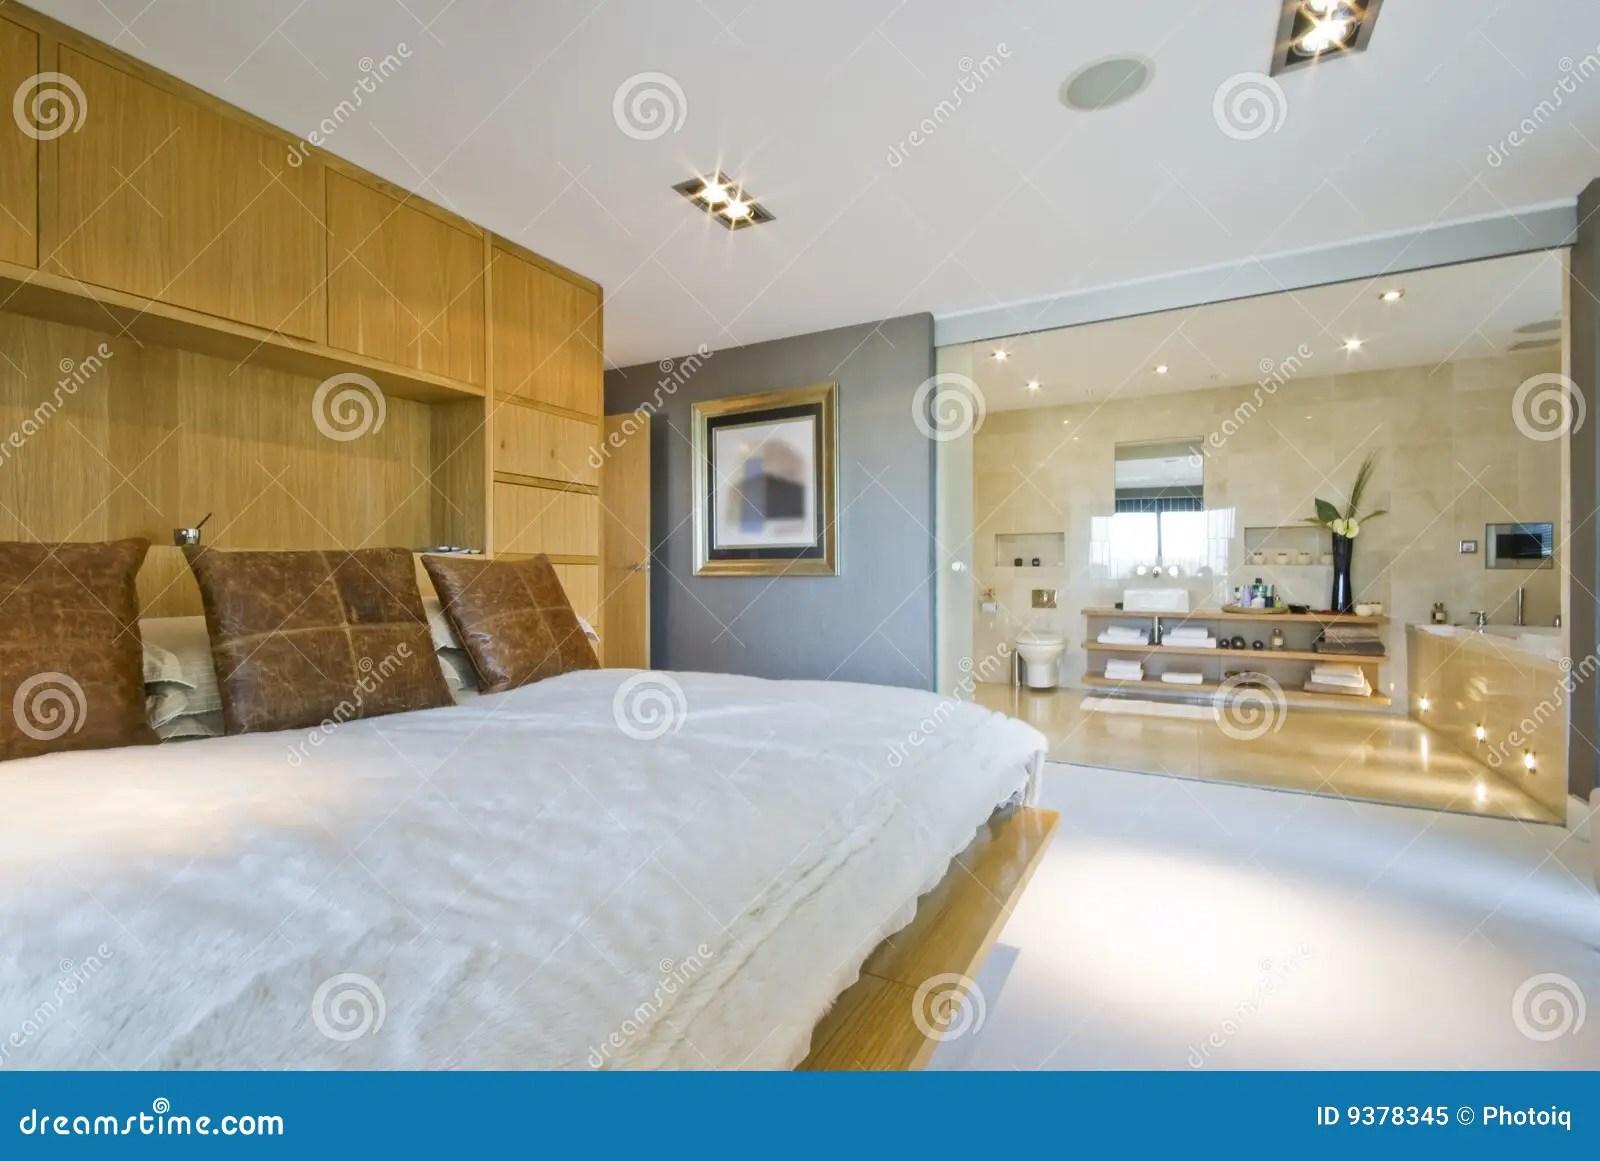 Grande Chambre  Coucher Avec La Salle De Bains De Suite Den Photo libre de droits  Image 9378345